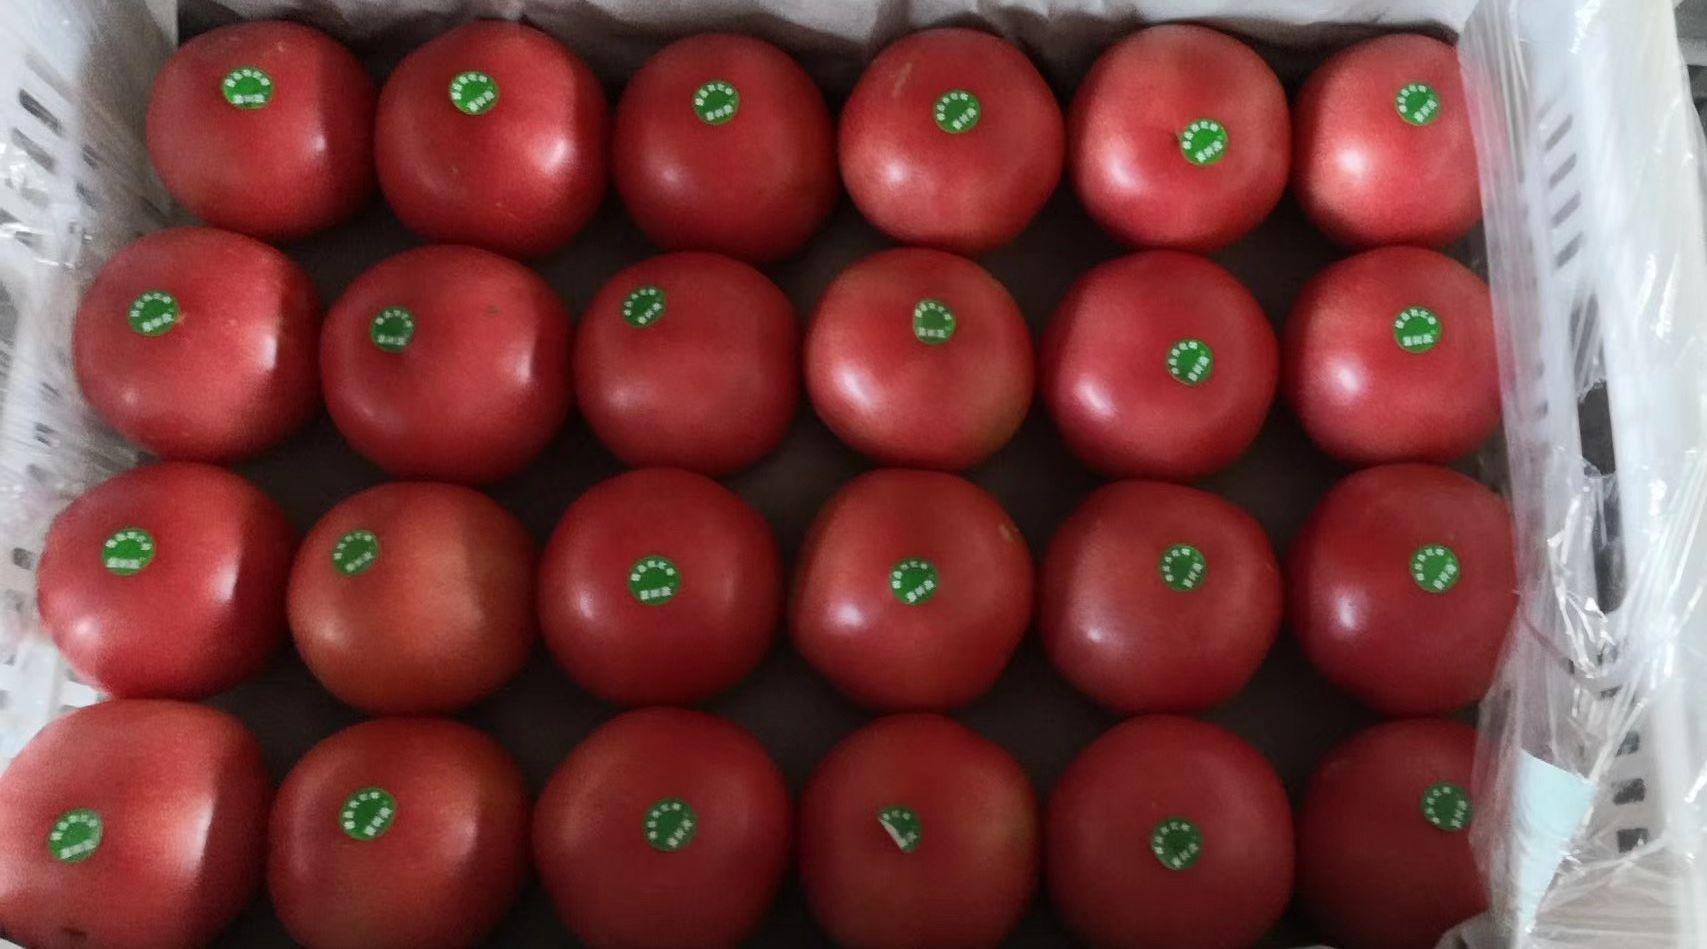 西红柿价格持续走低 预计近期仍在低位徘徊